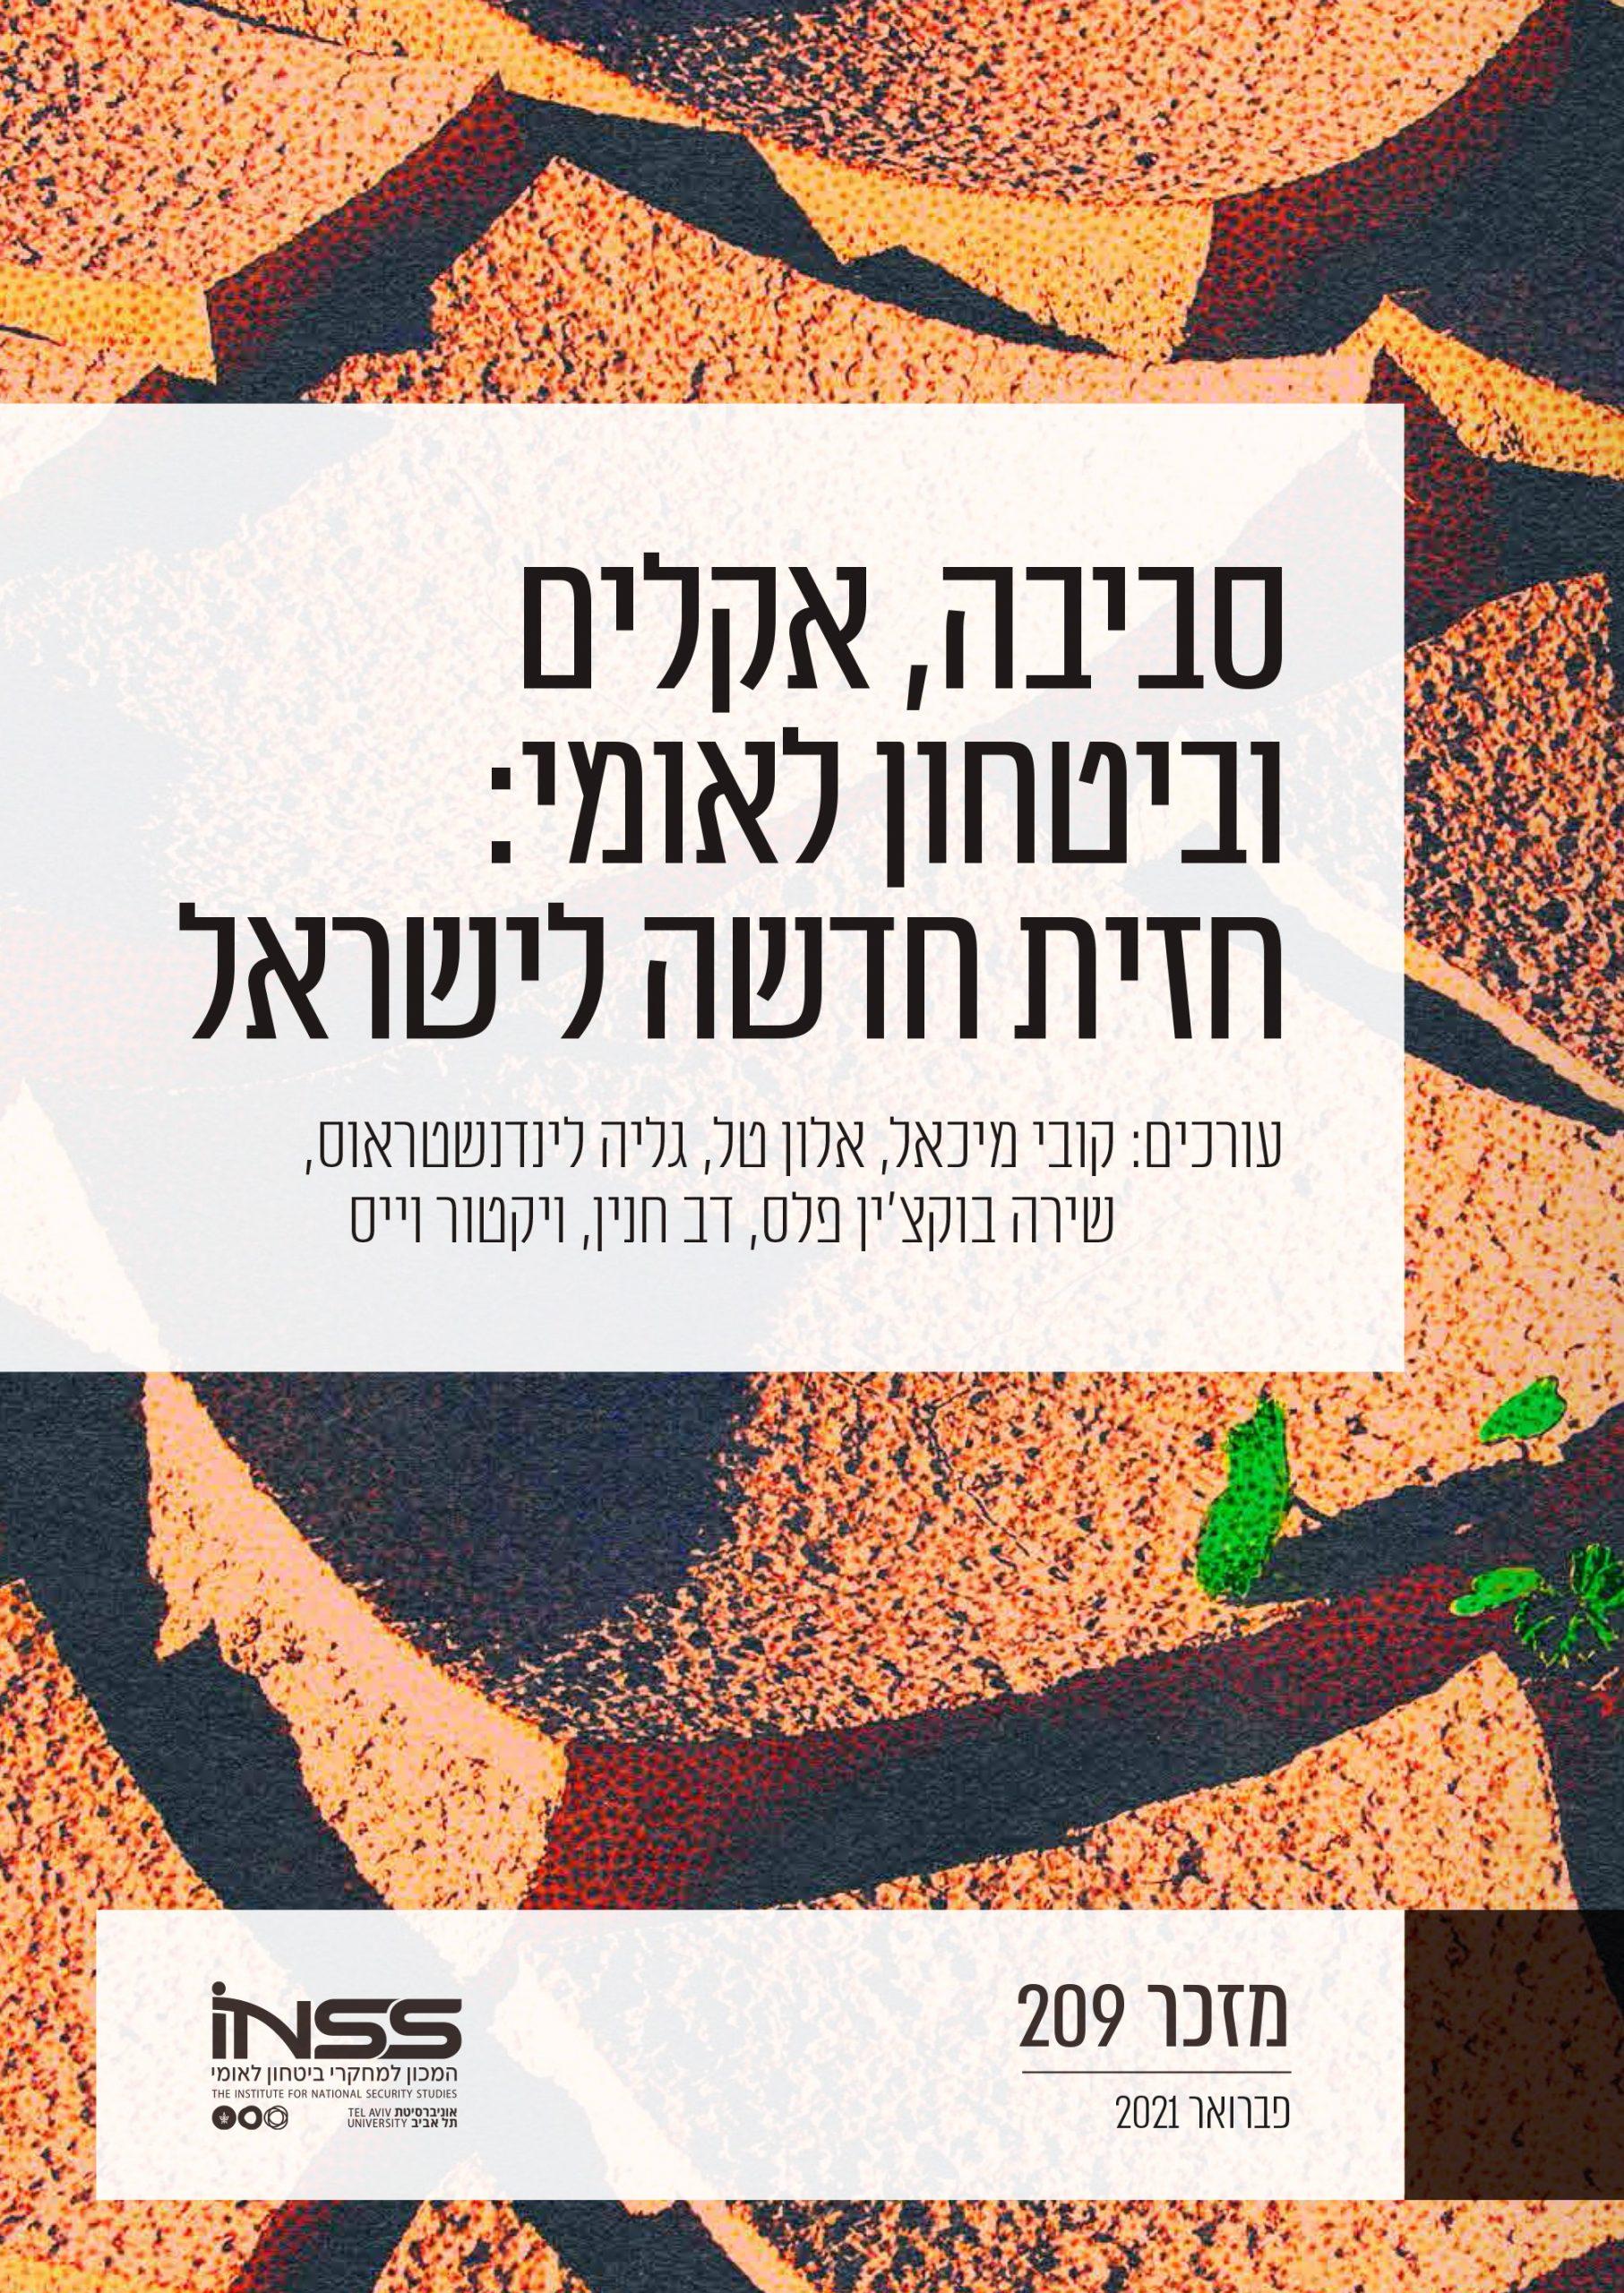 מזכר 209 סביבה, אקלים וביטחון לאומי - חזית חדשה לישראל-1